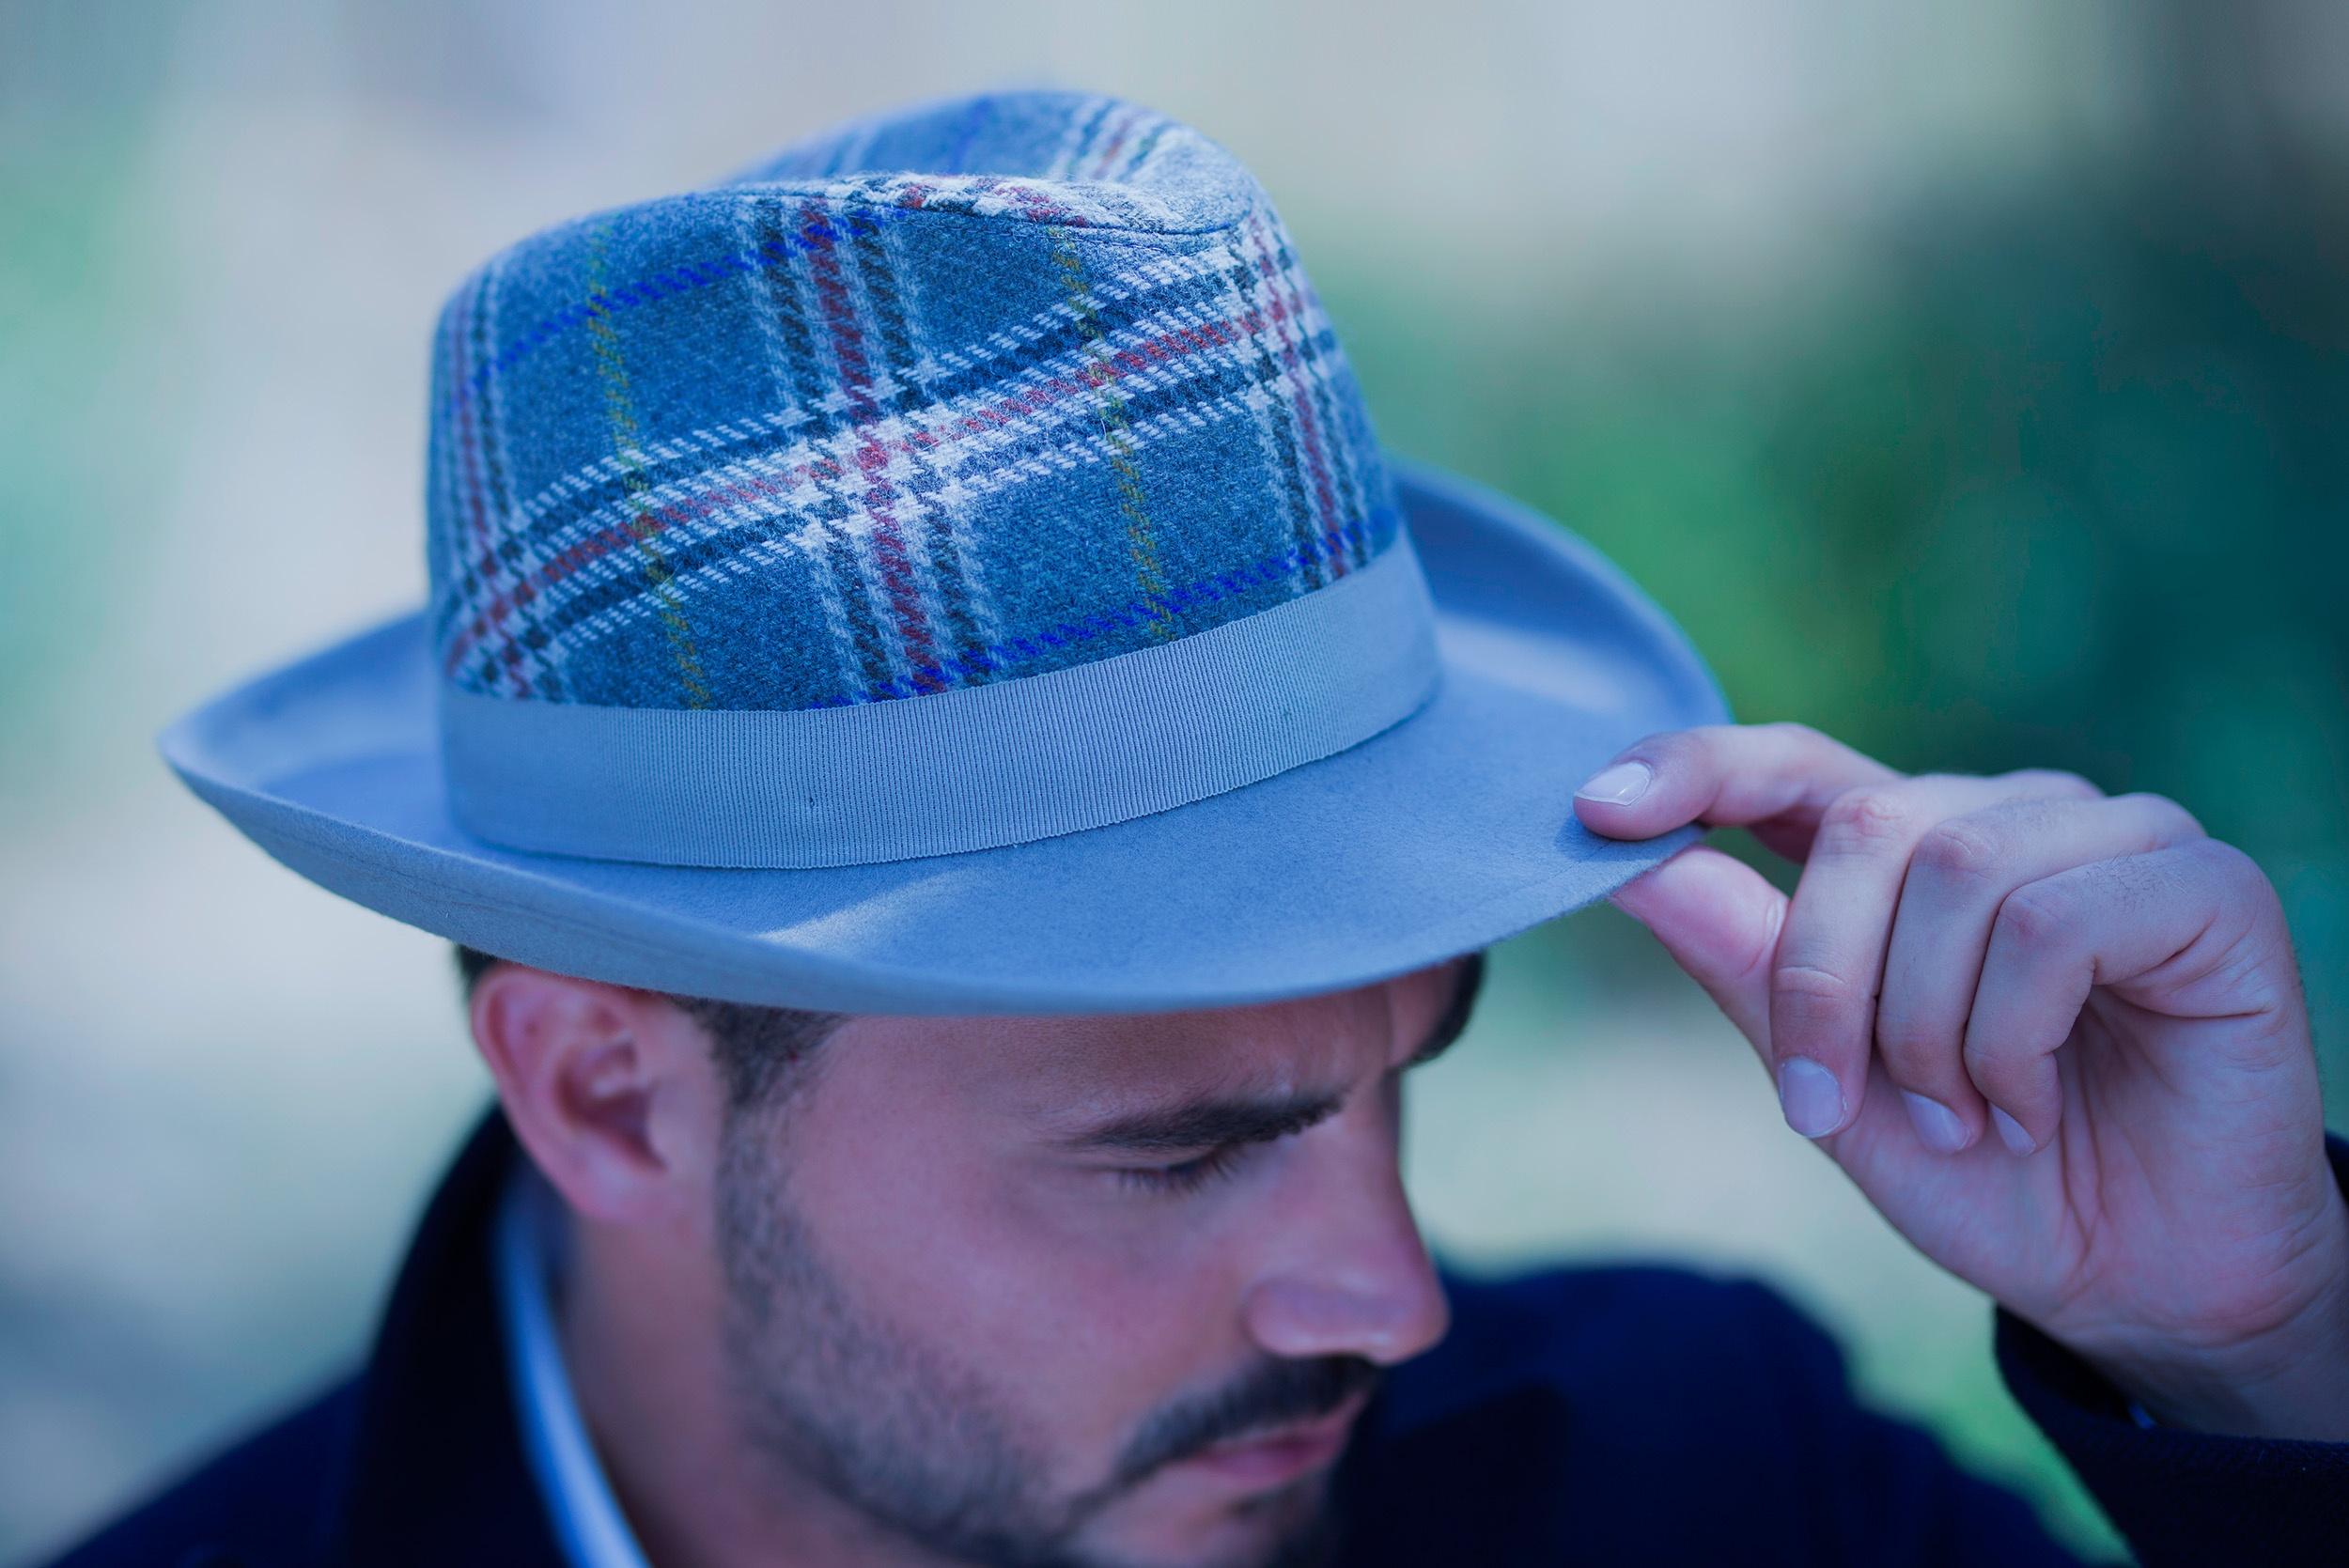 Berretti e Cappelli made in italy - Berrettificio - Modelli Berretti e Cappelli